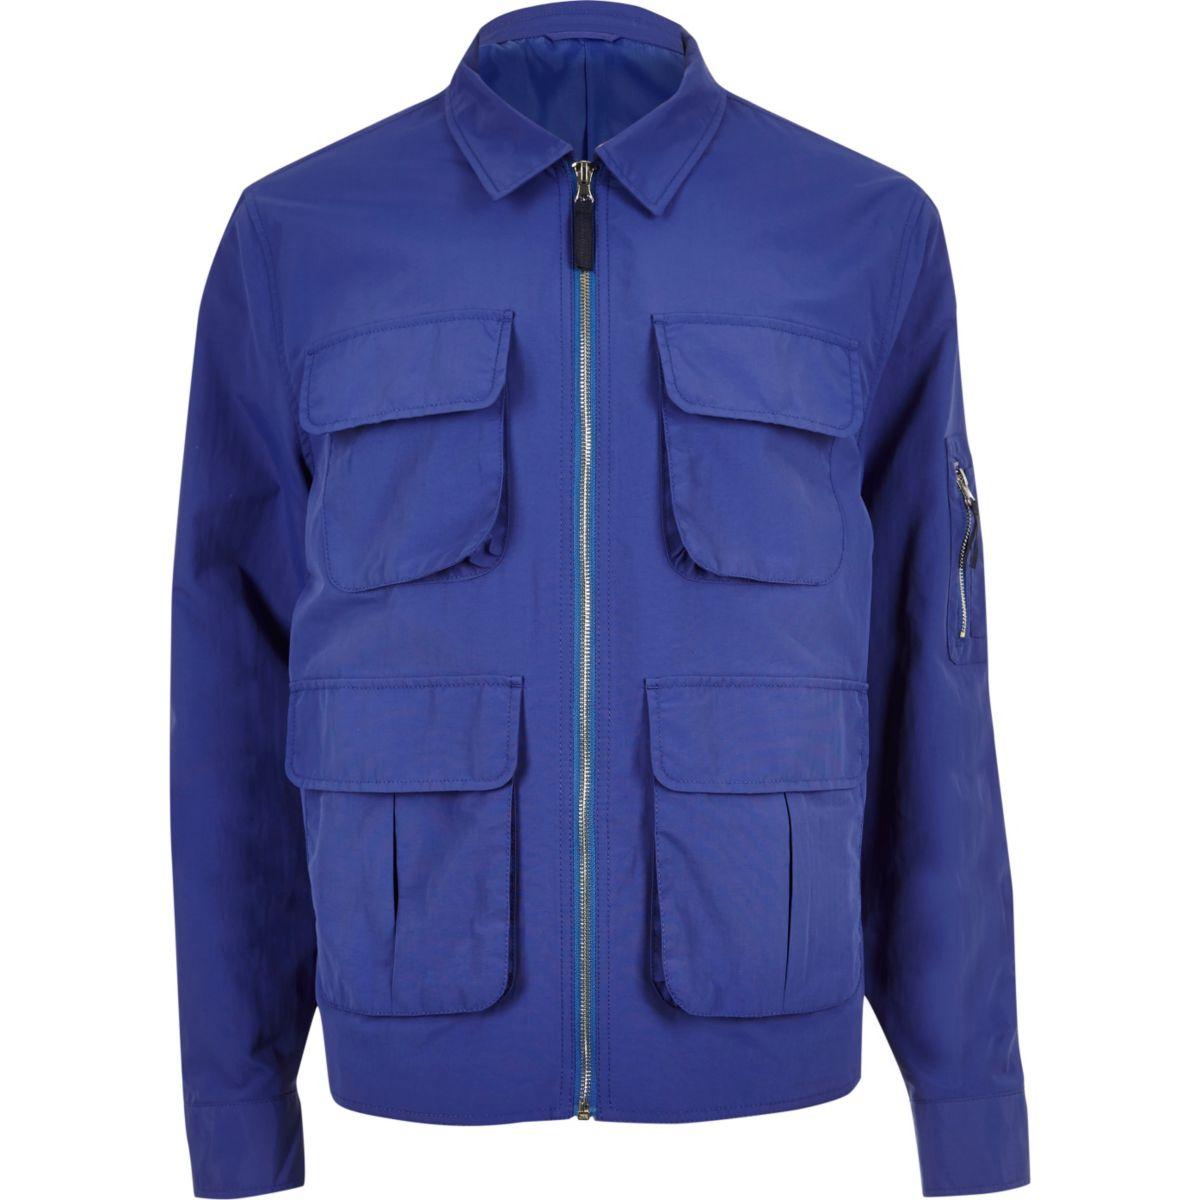 Blaue Jacke mit vier Taschen